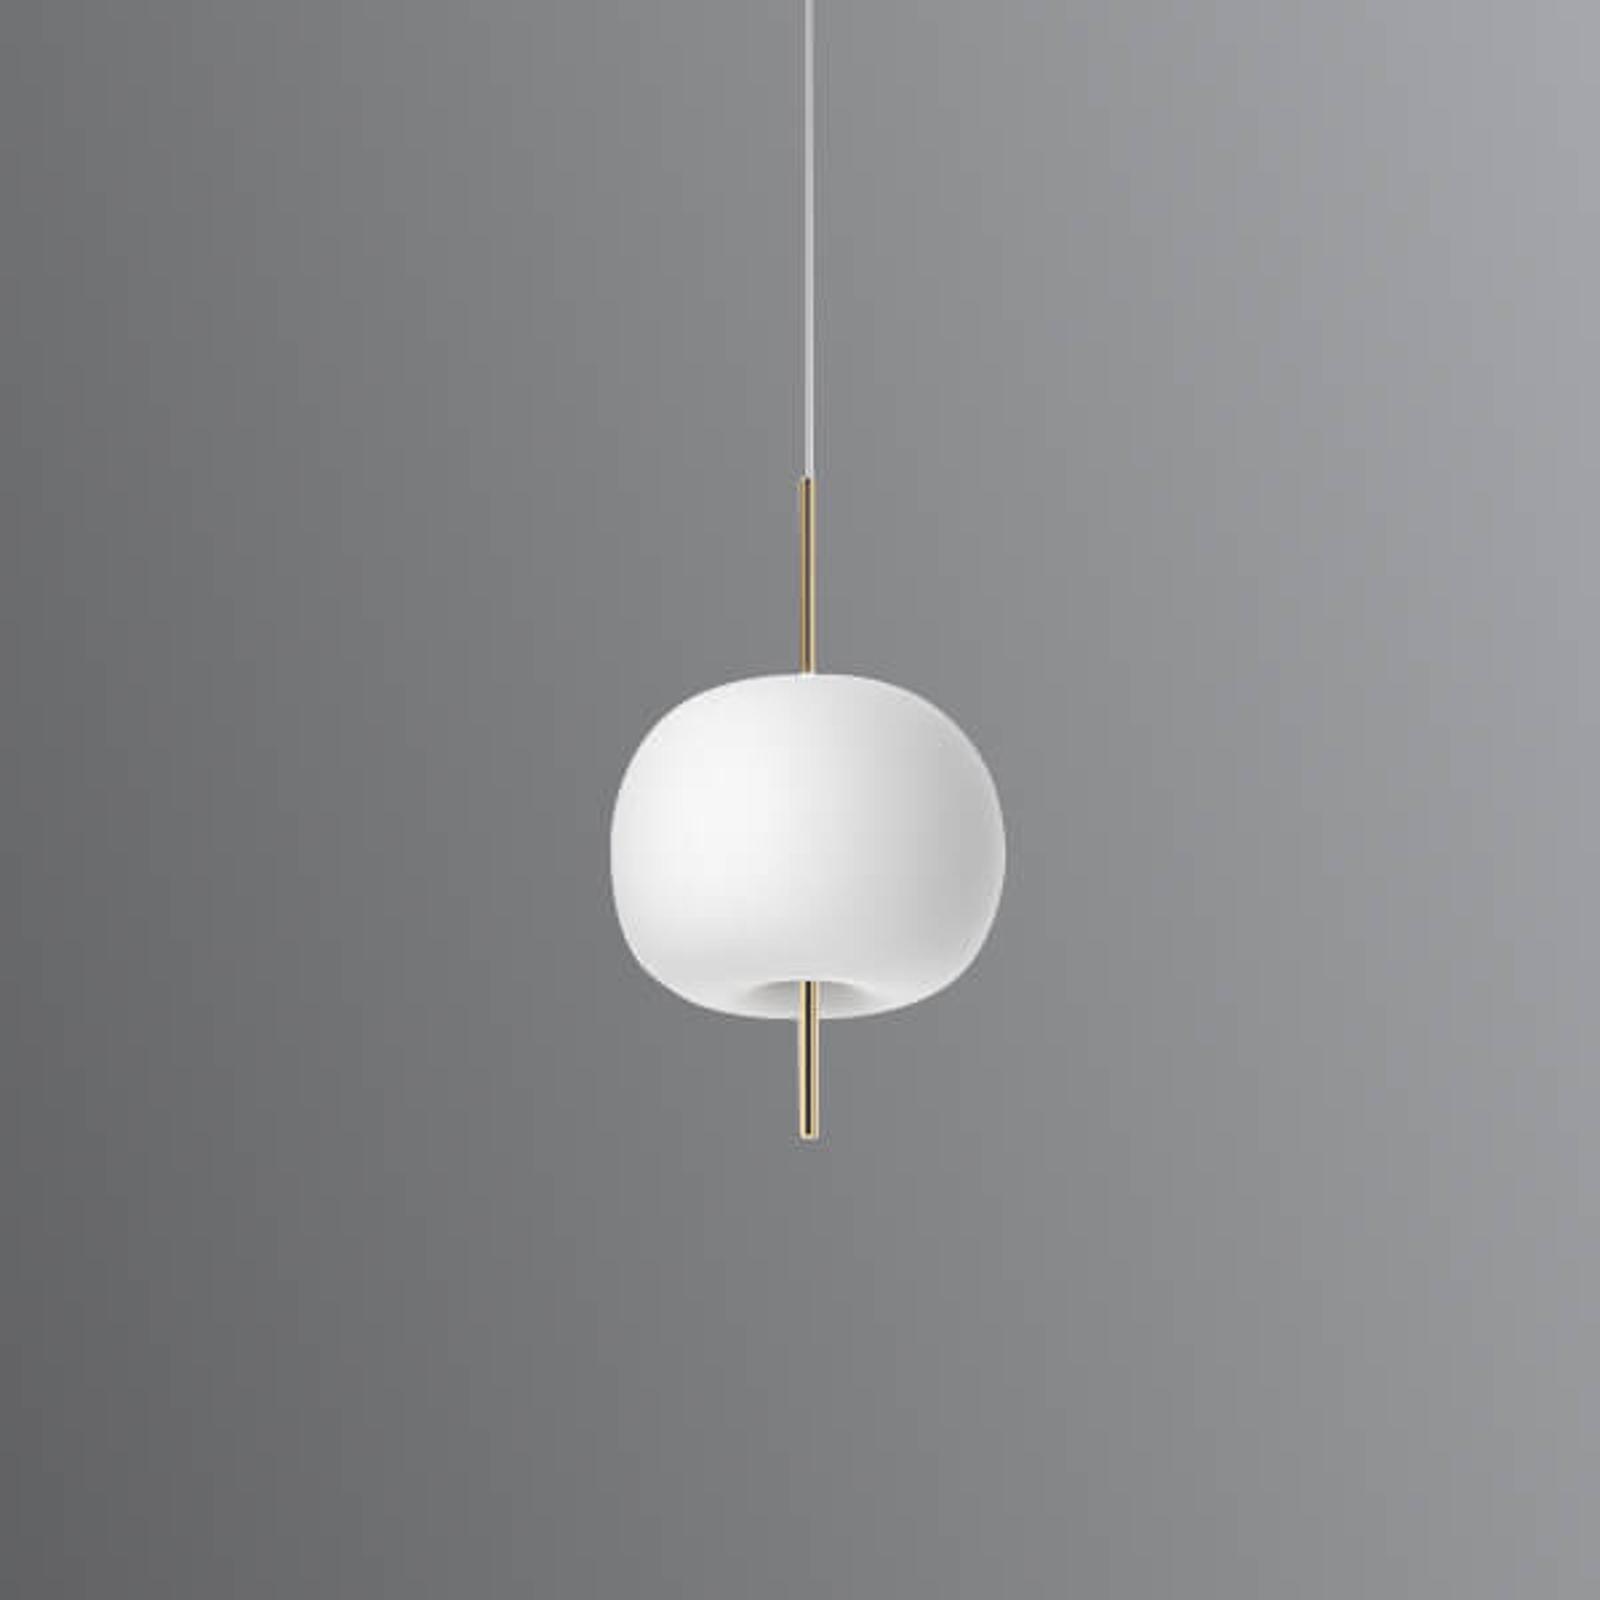 Kundalini Kushi - LED-hængelampe, messing 16cm